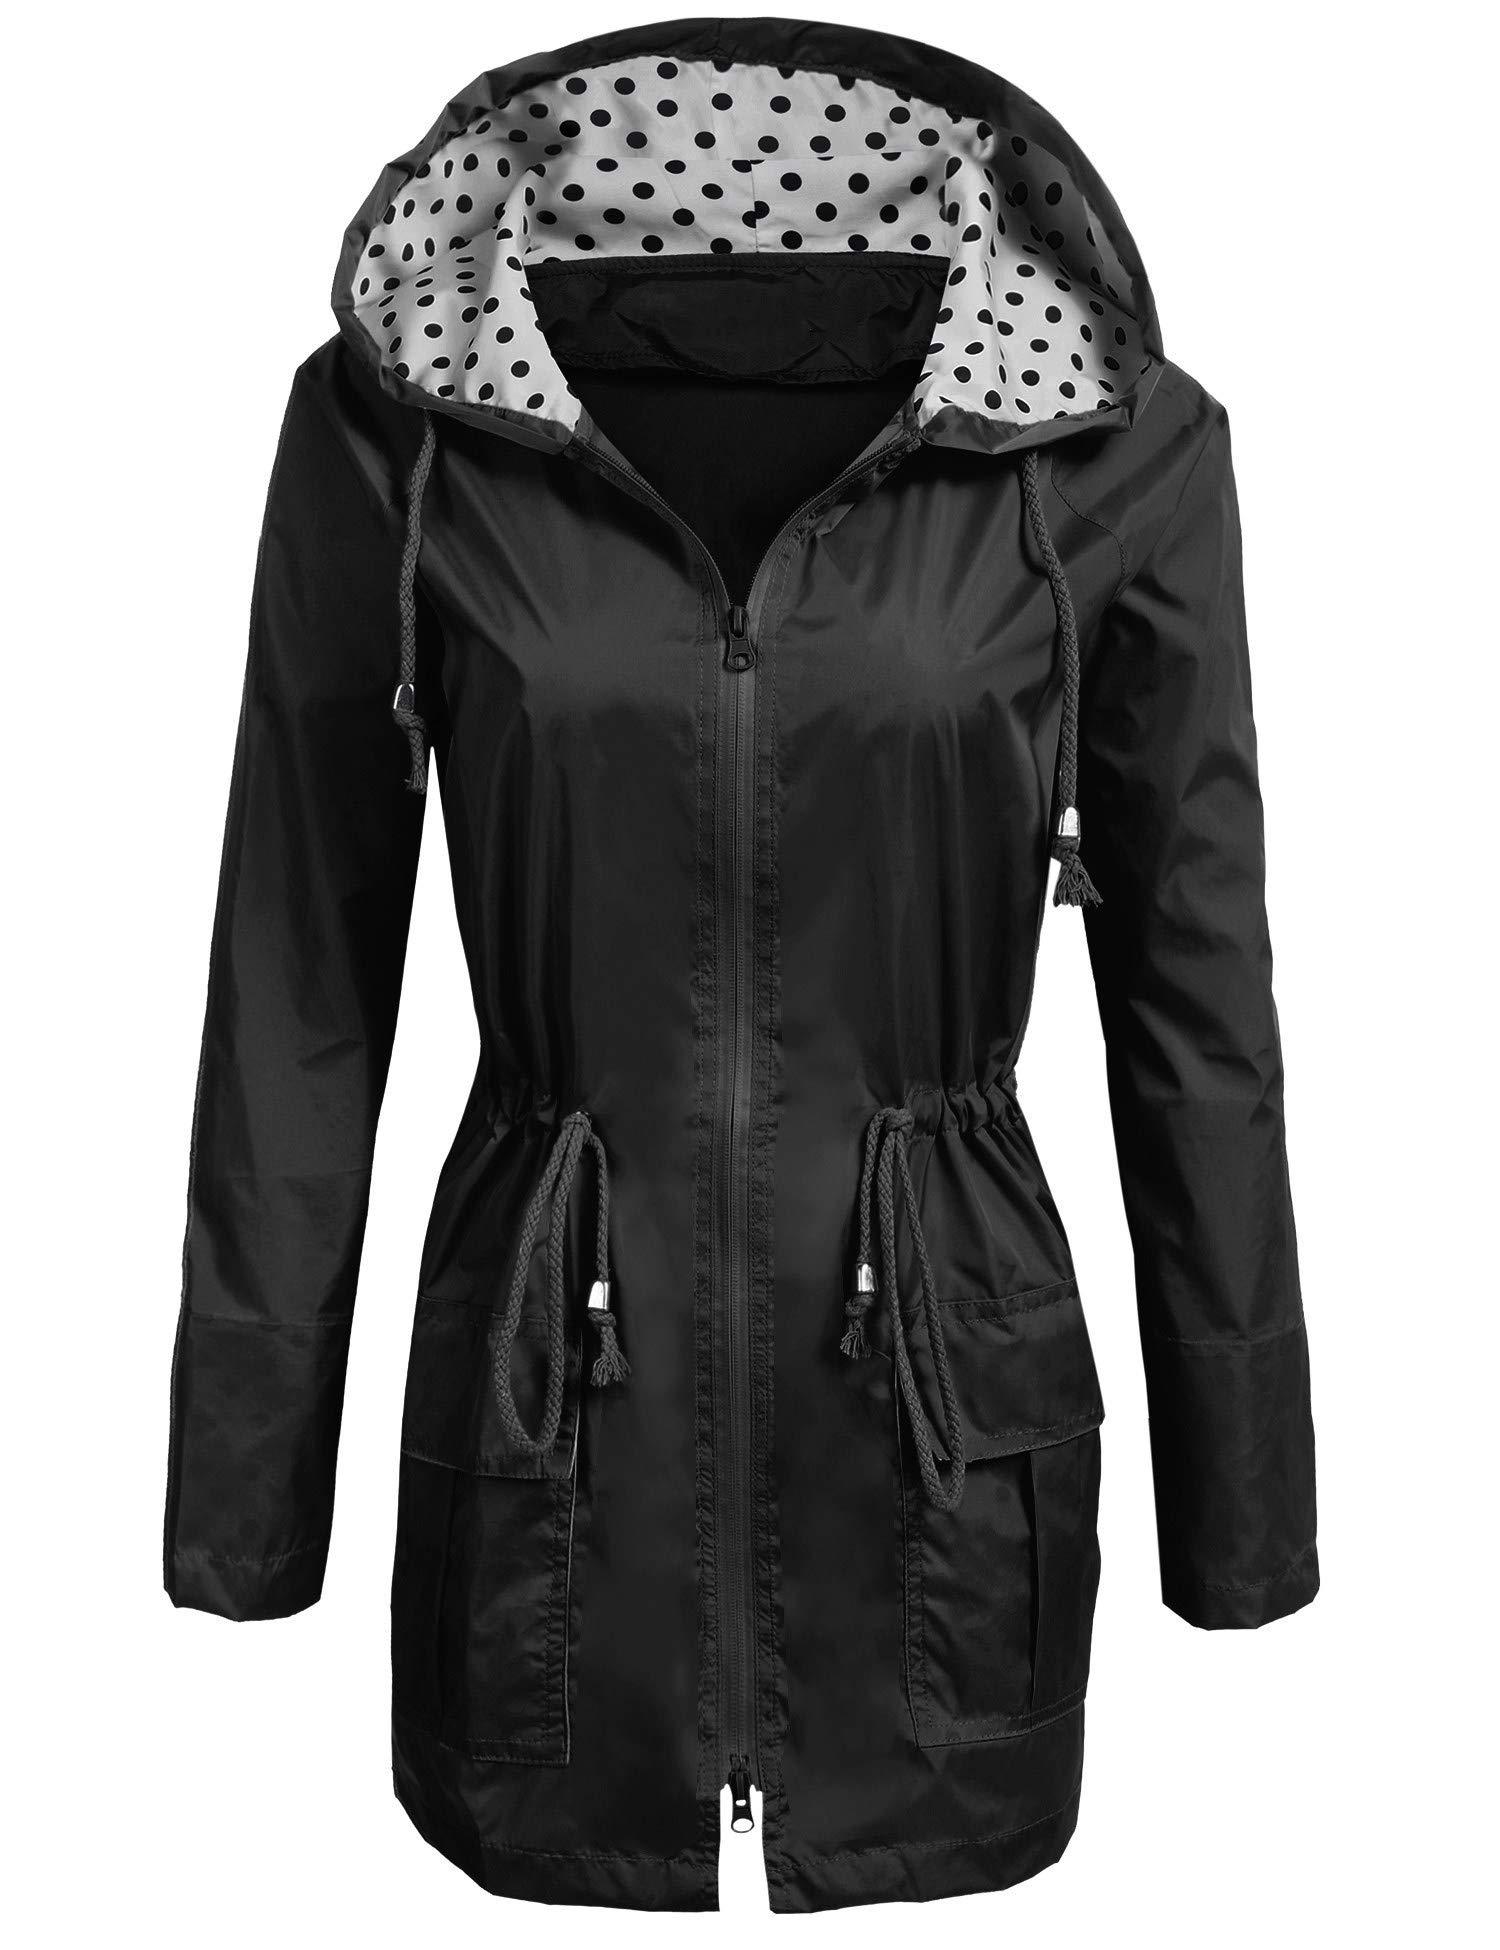 2cf3a6b77 Bemobeauty Lightweight Waterproof Raincoat for Women Windbreaker Packable  Outdoor Hooded Polka Dot Rain Jacket (S-XXL)